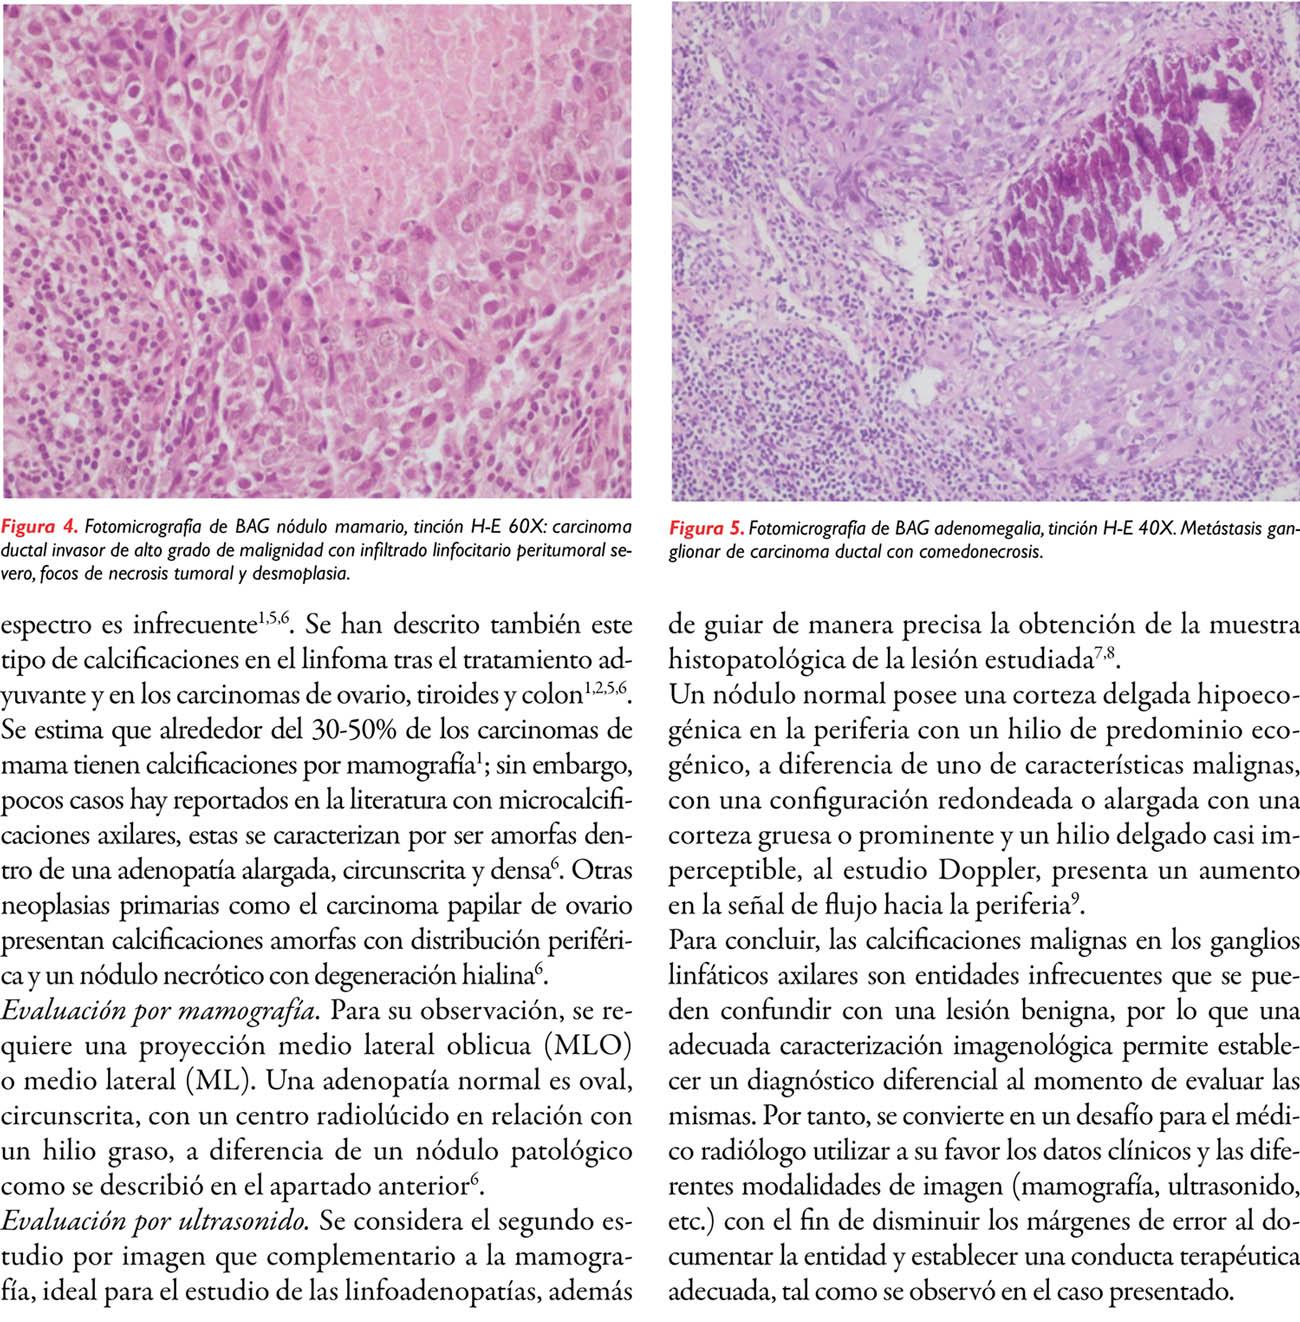 Metástasis calcificada de nódulo axilar en un cáncer de mama: reporte de un caso